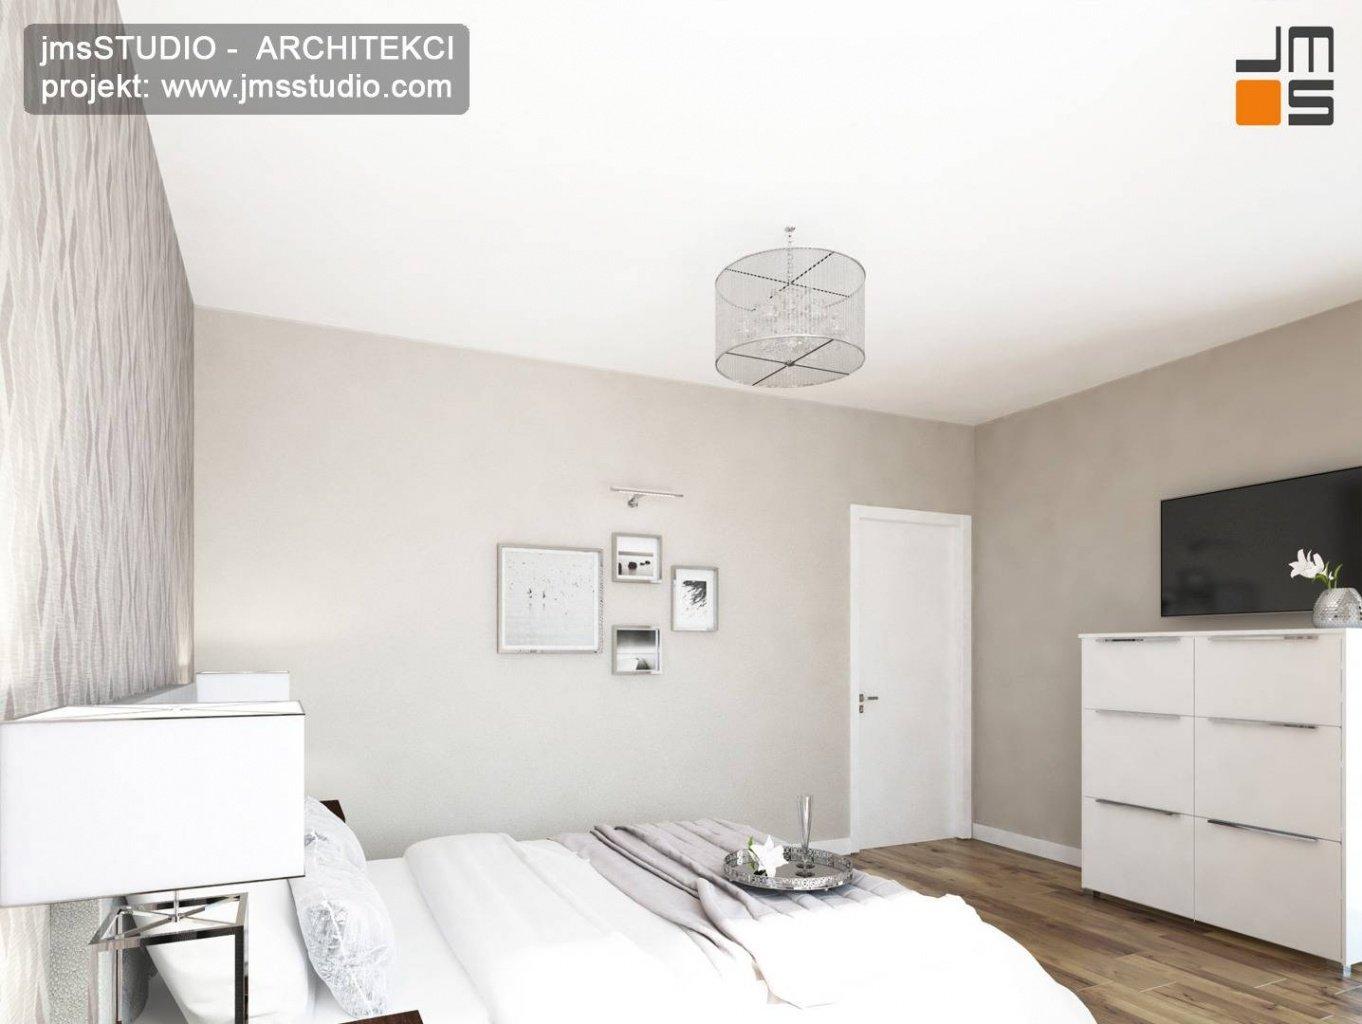 projektowanie wnętrz kraków prosta biała sypialnia